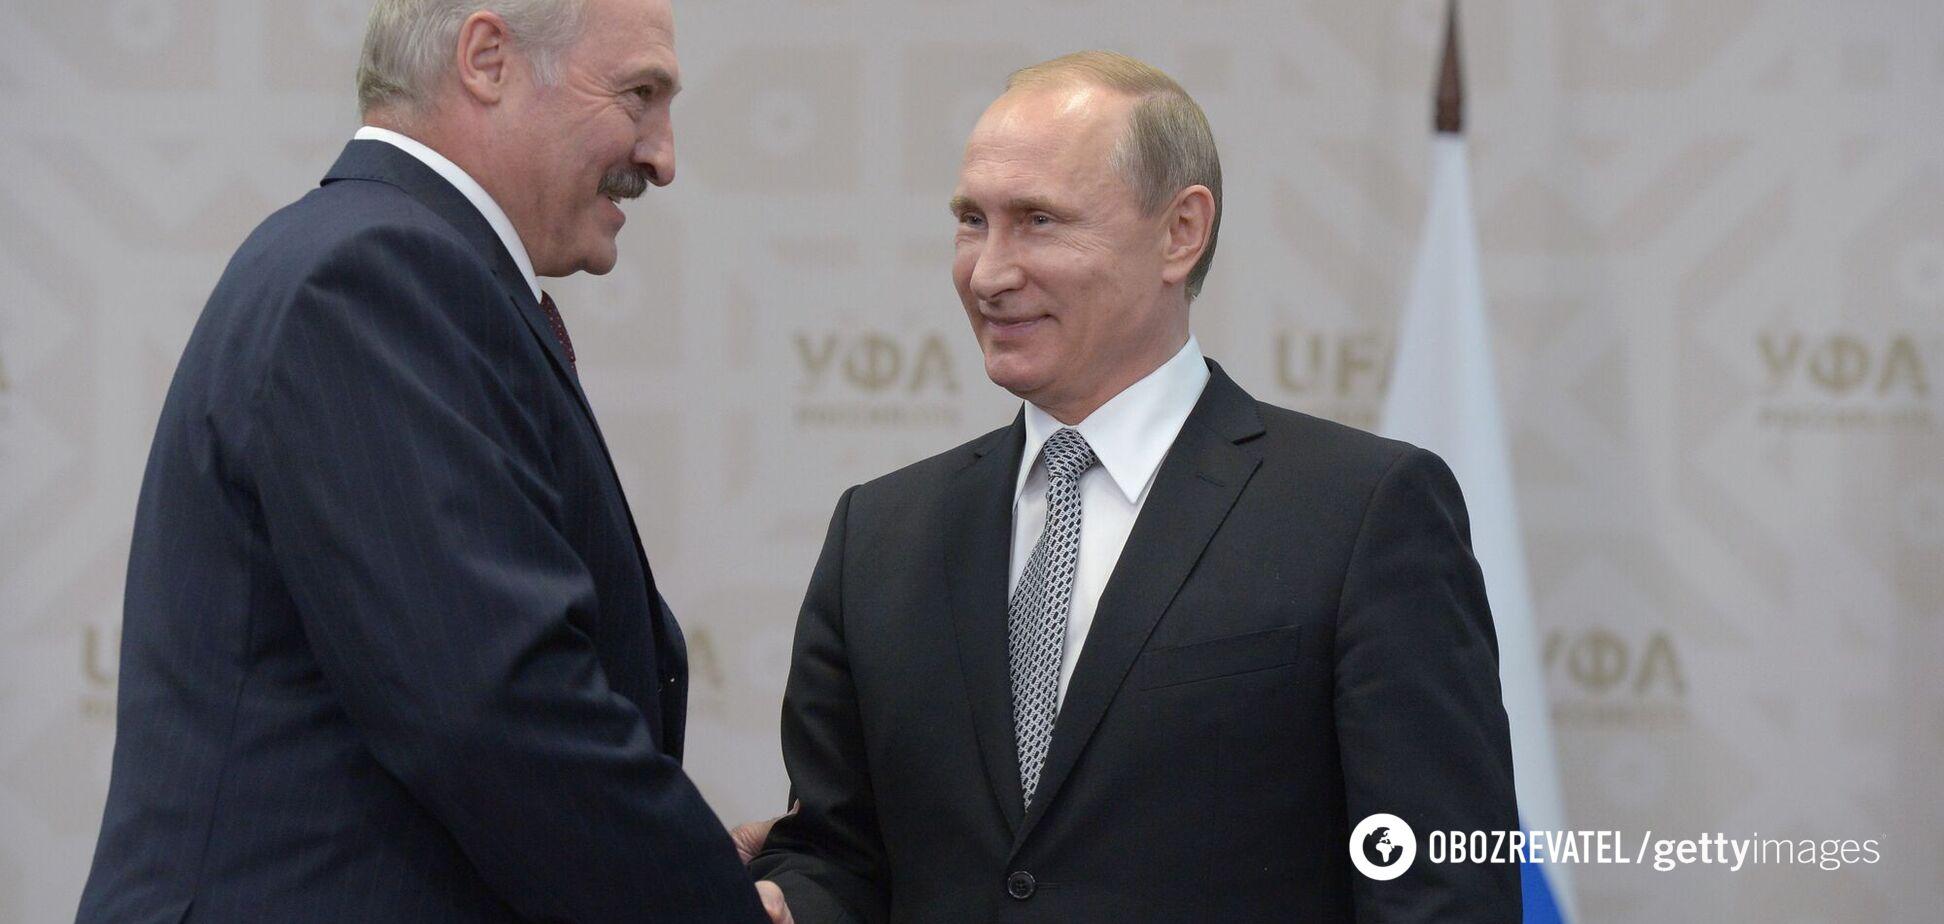 'Признай Крым!' Путин спустил на Лукашенко 'белорусских общественников'